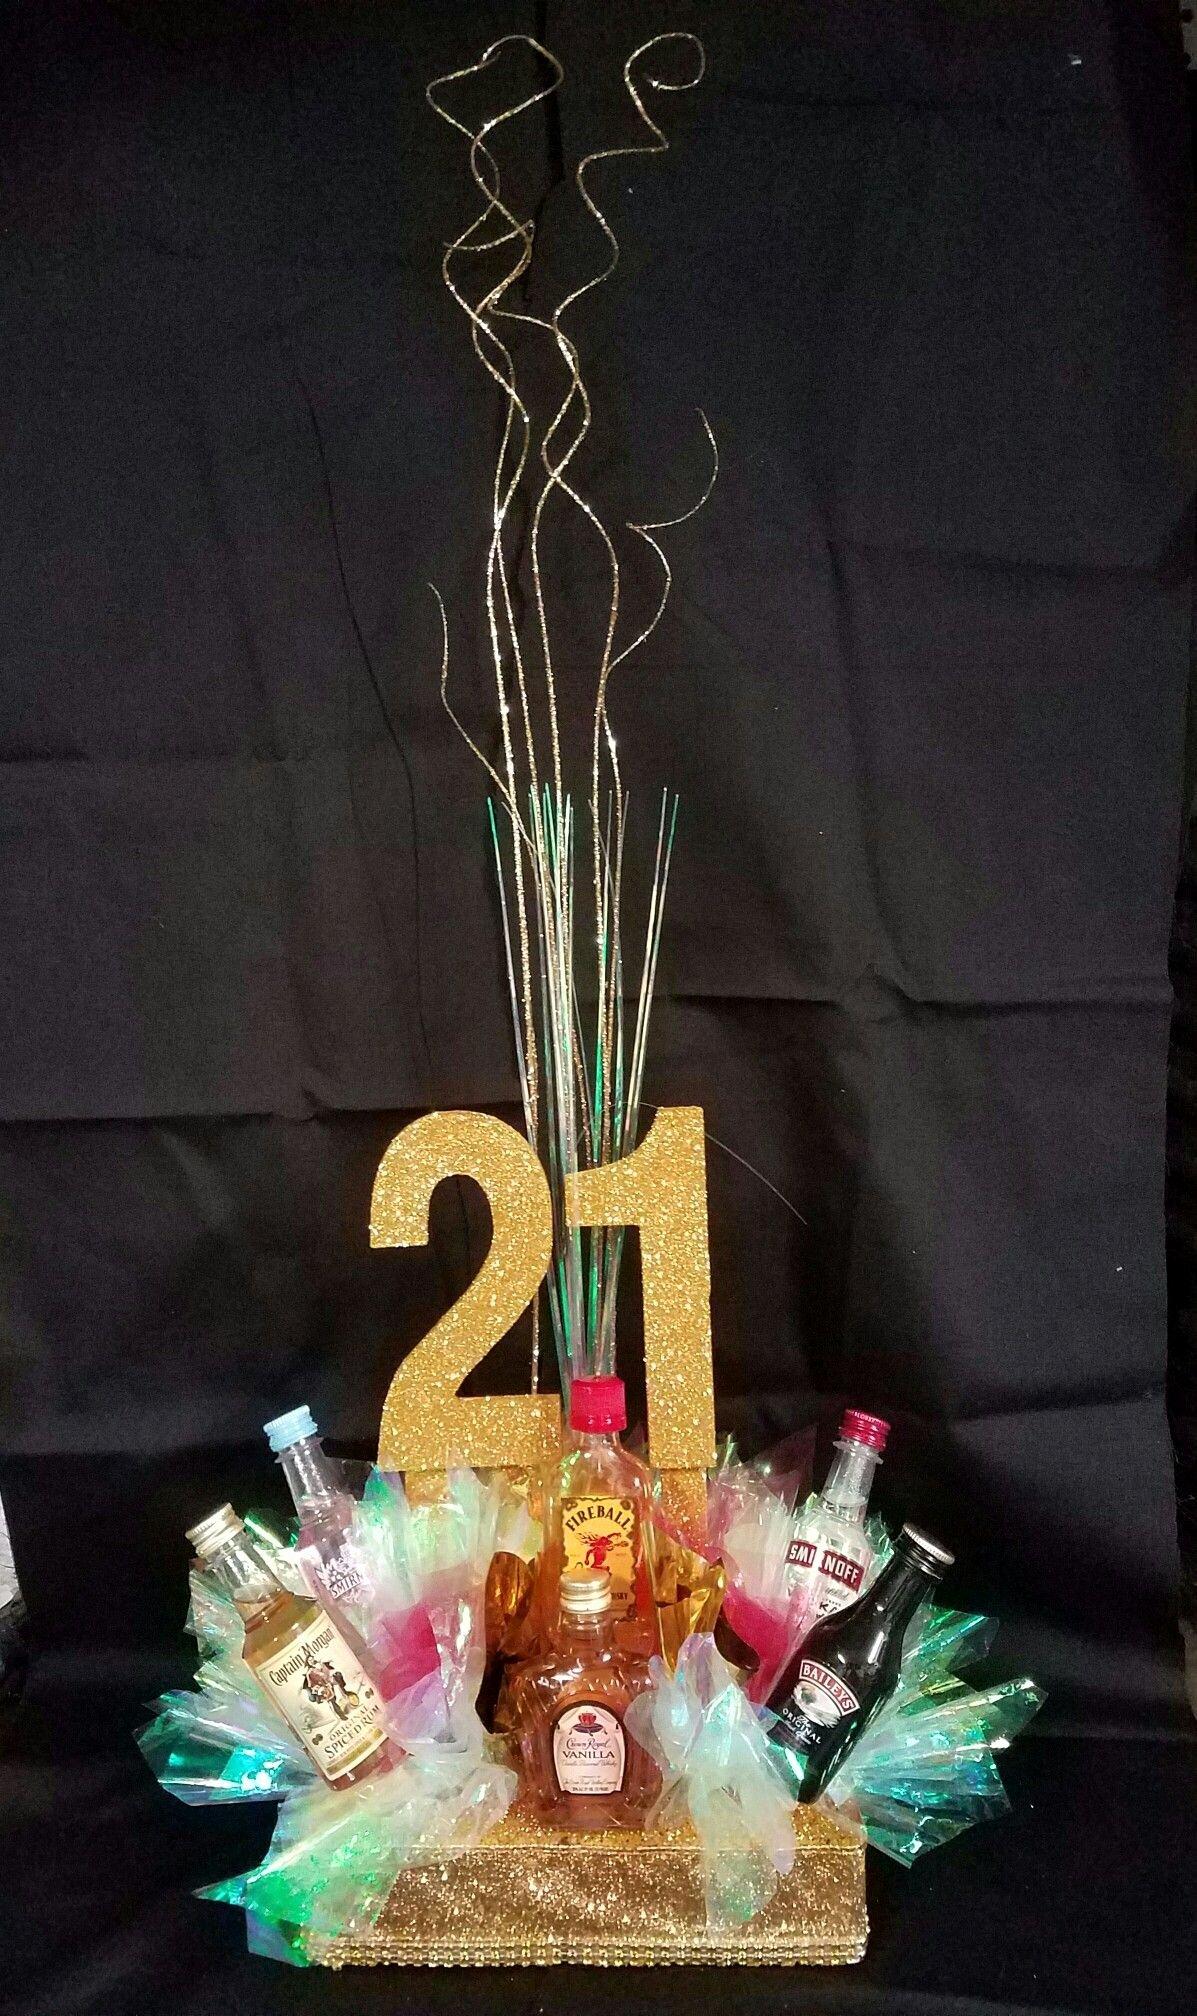 Birthday Decoration Ideas for 21st Luxury 21 St Birthday Centerpiece